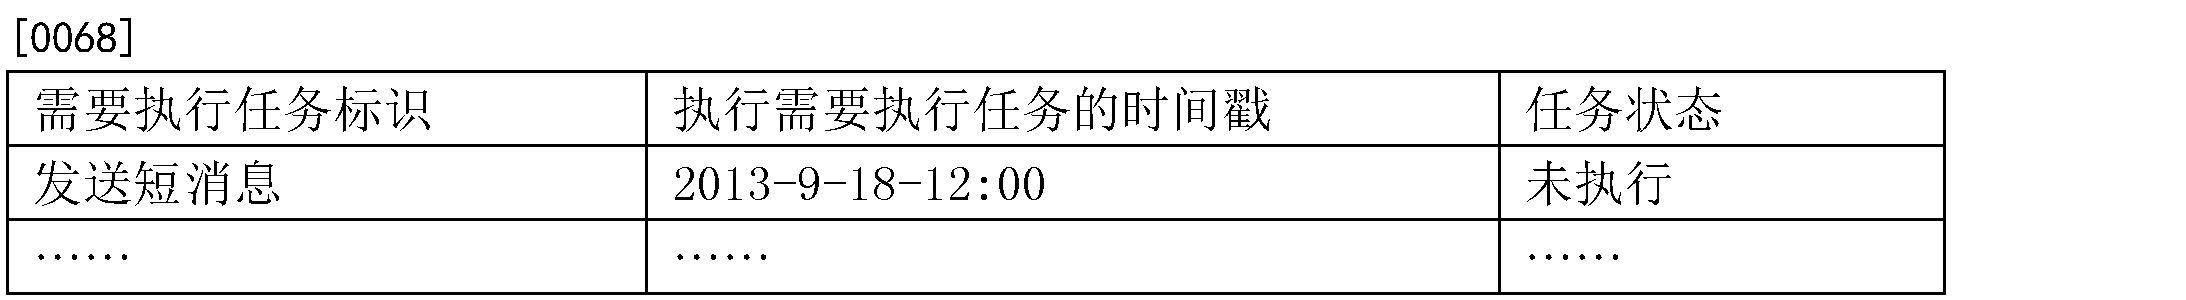 Figure CN104468174BD00071